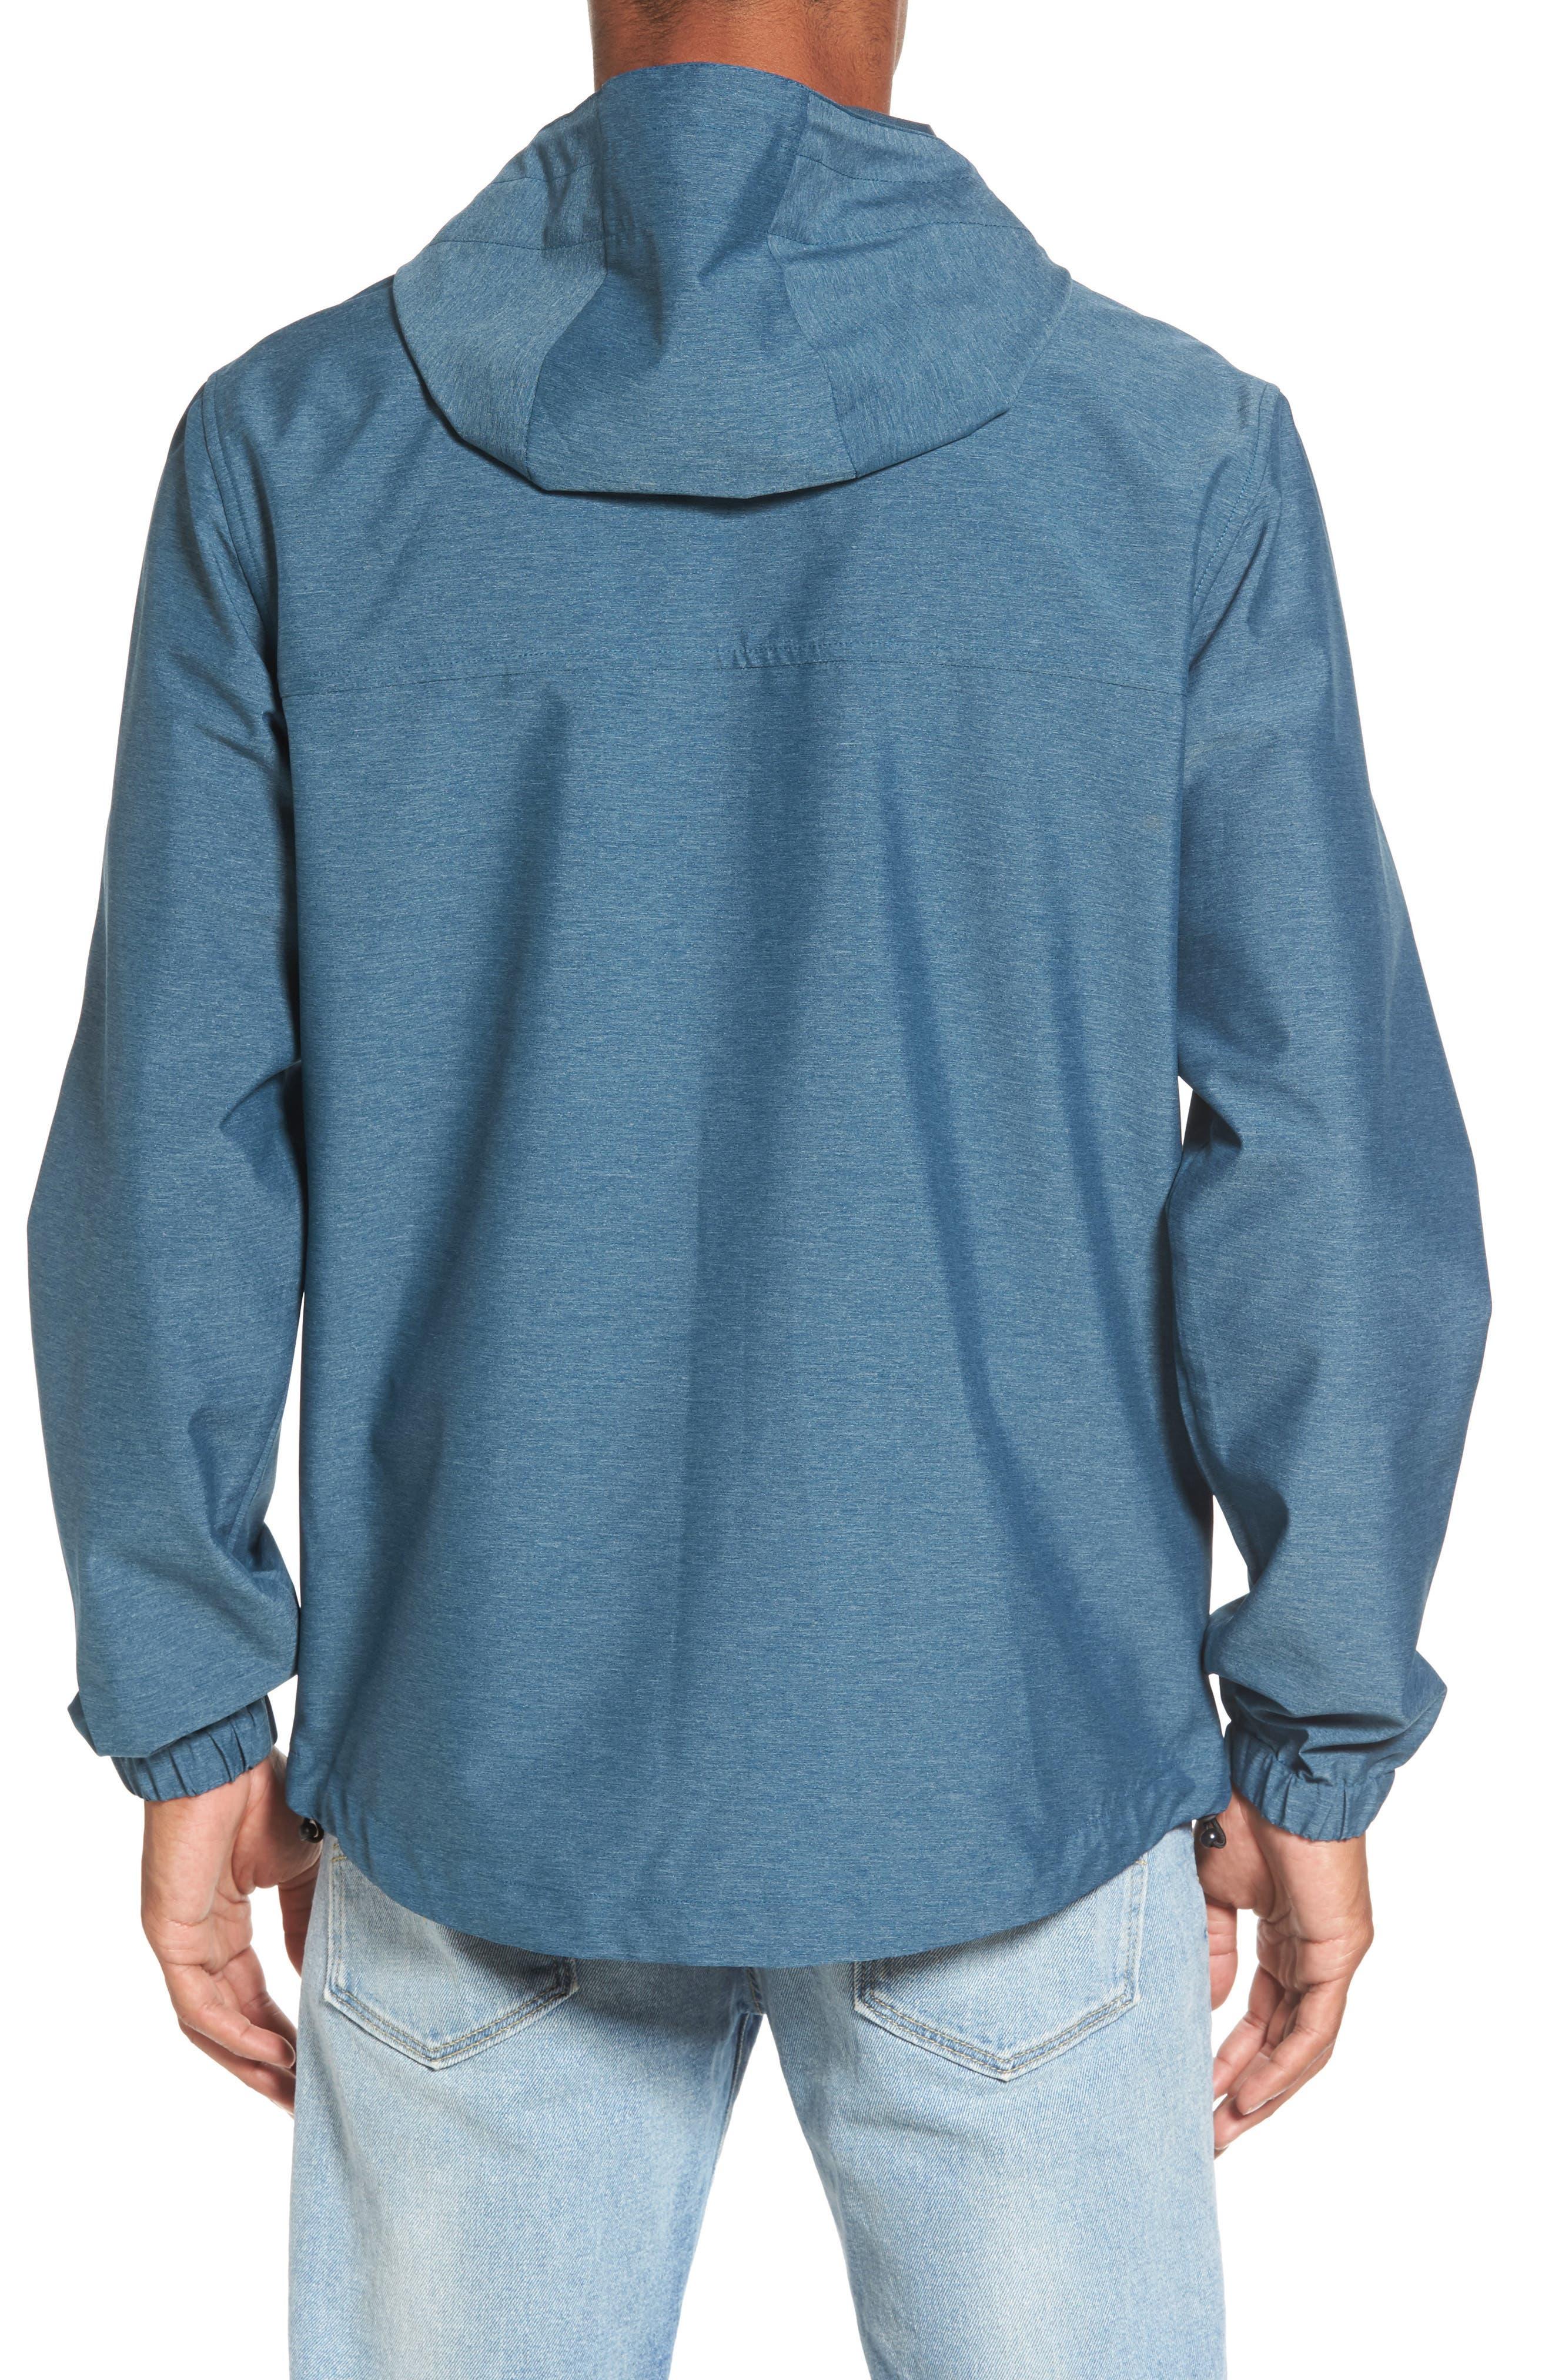 Steep Sport Jacket,                             Alternate thumbnail 2, color,                             Desert Blue